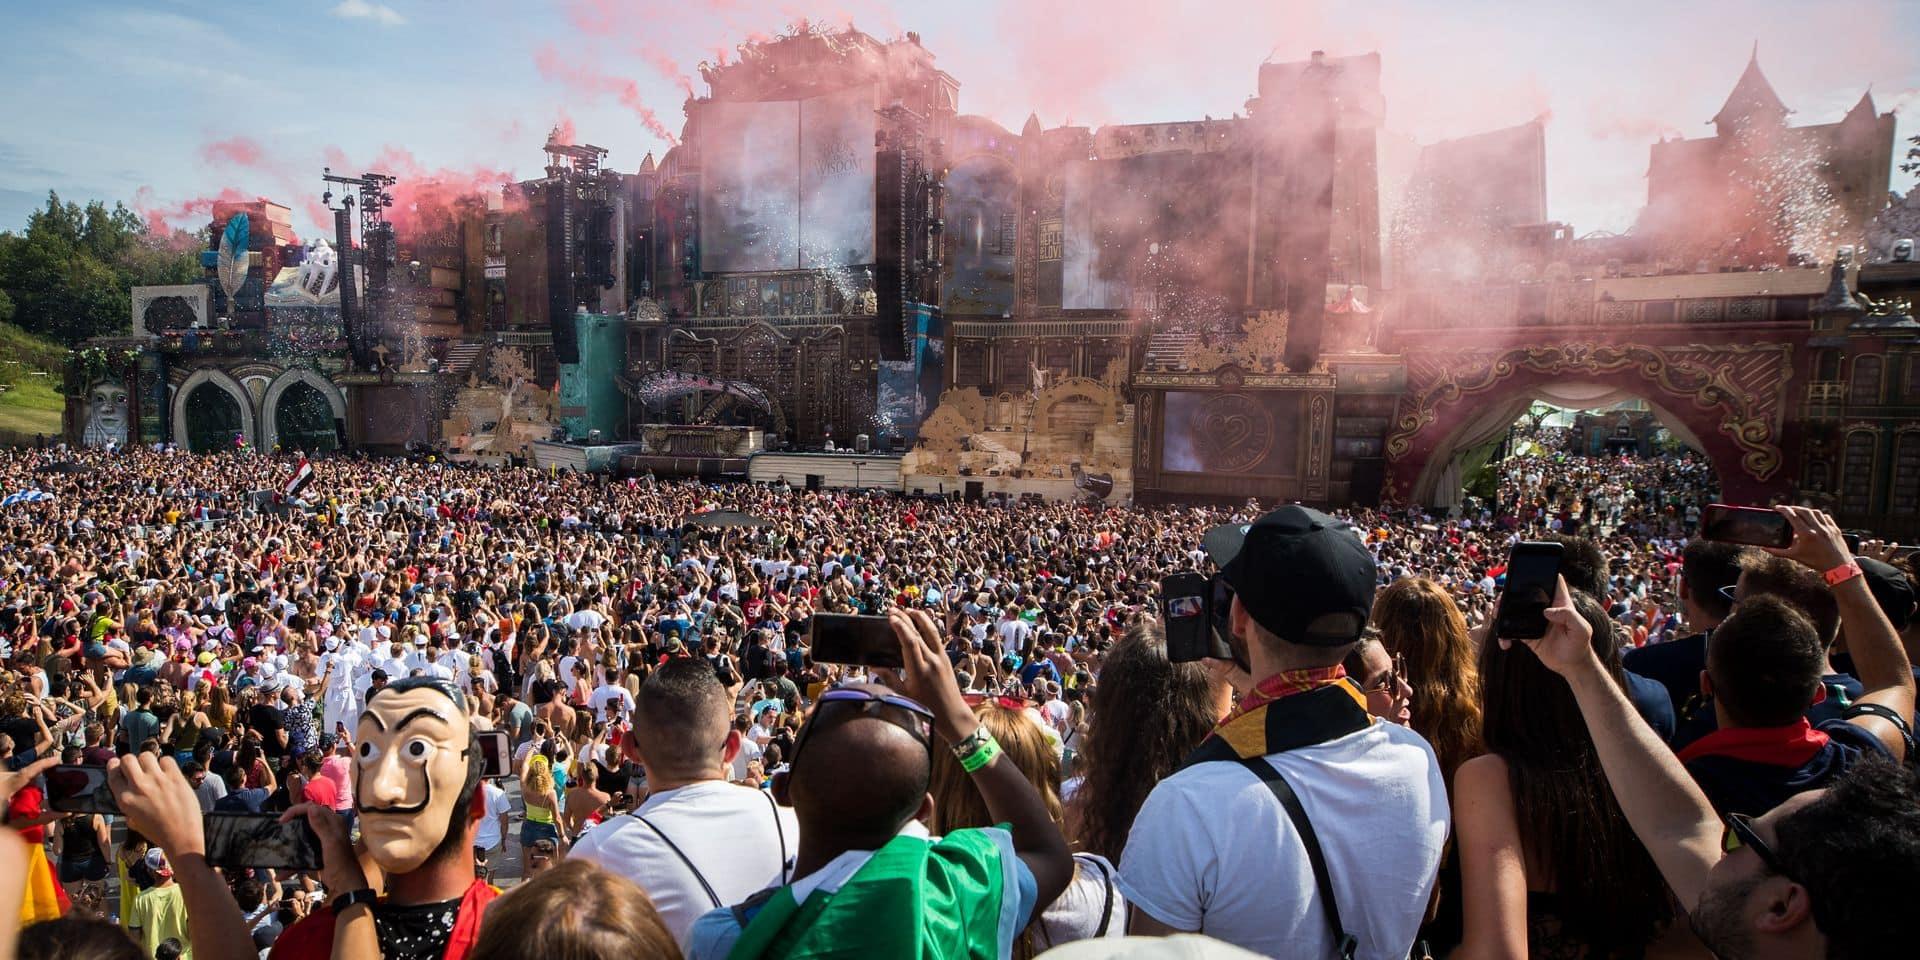 Tomorrowland: Un nouveau festivalier de Tomorrowland aux soins intensifs